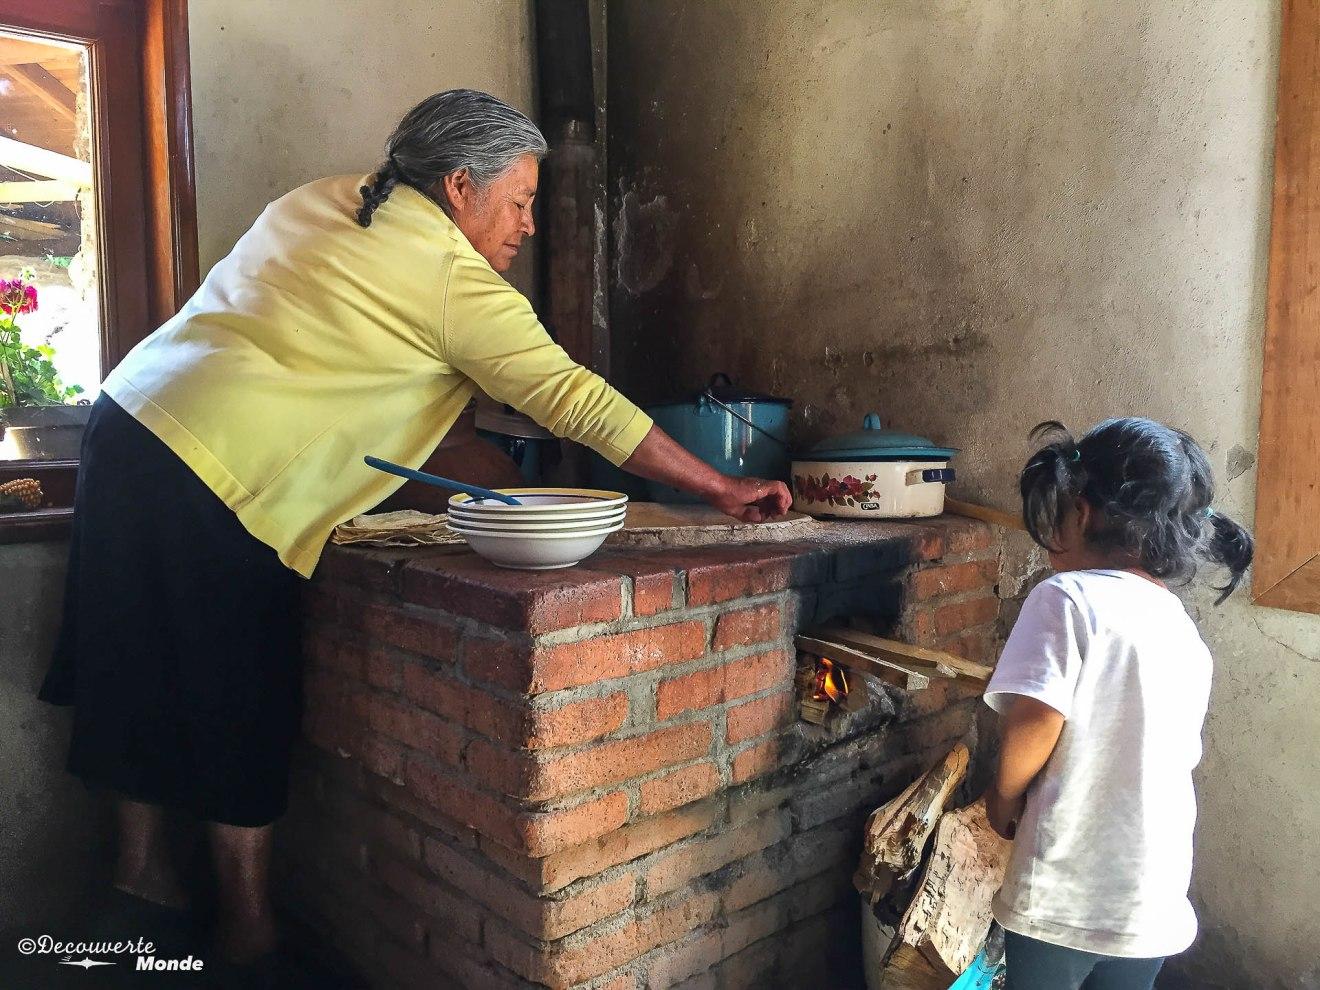 Tourisme communautaire à travers le monde, voyager responsable